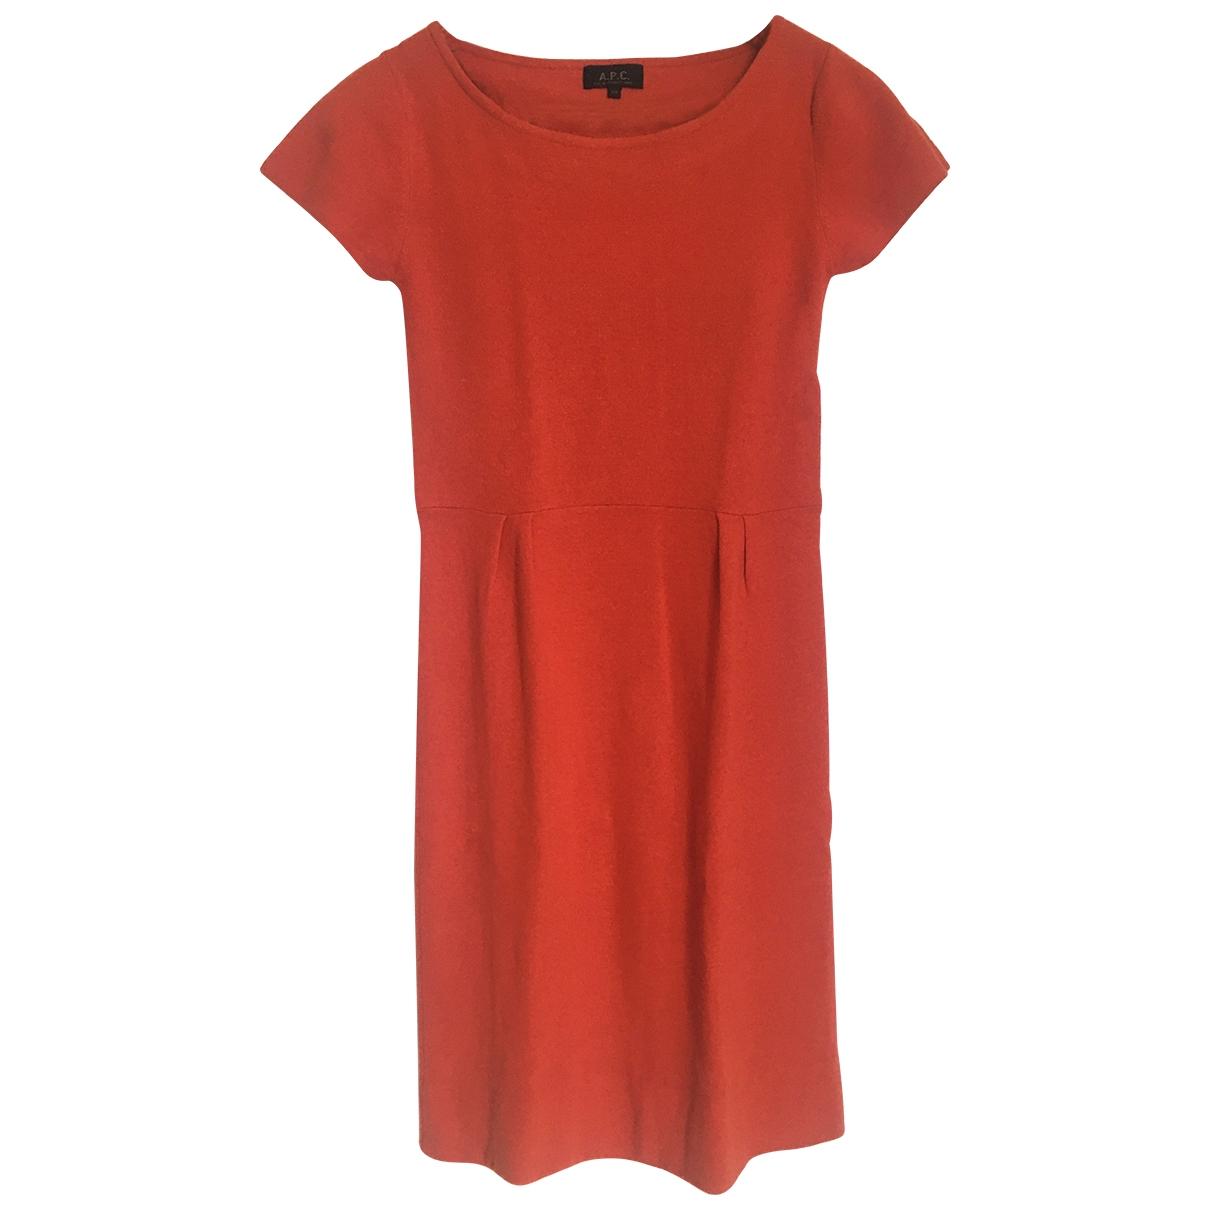 Apc - Robe   pour femme en laine - orange